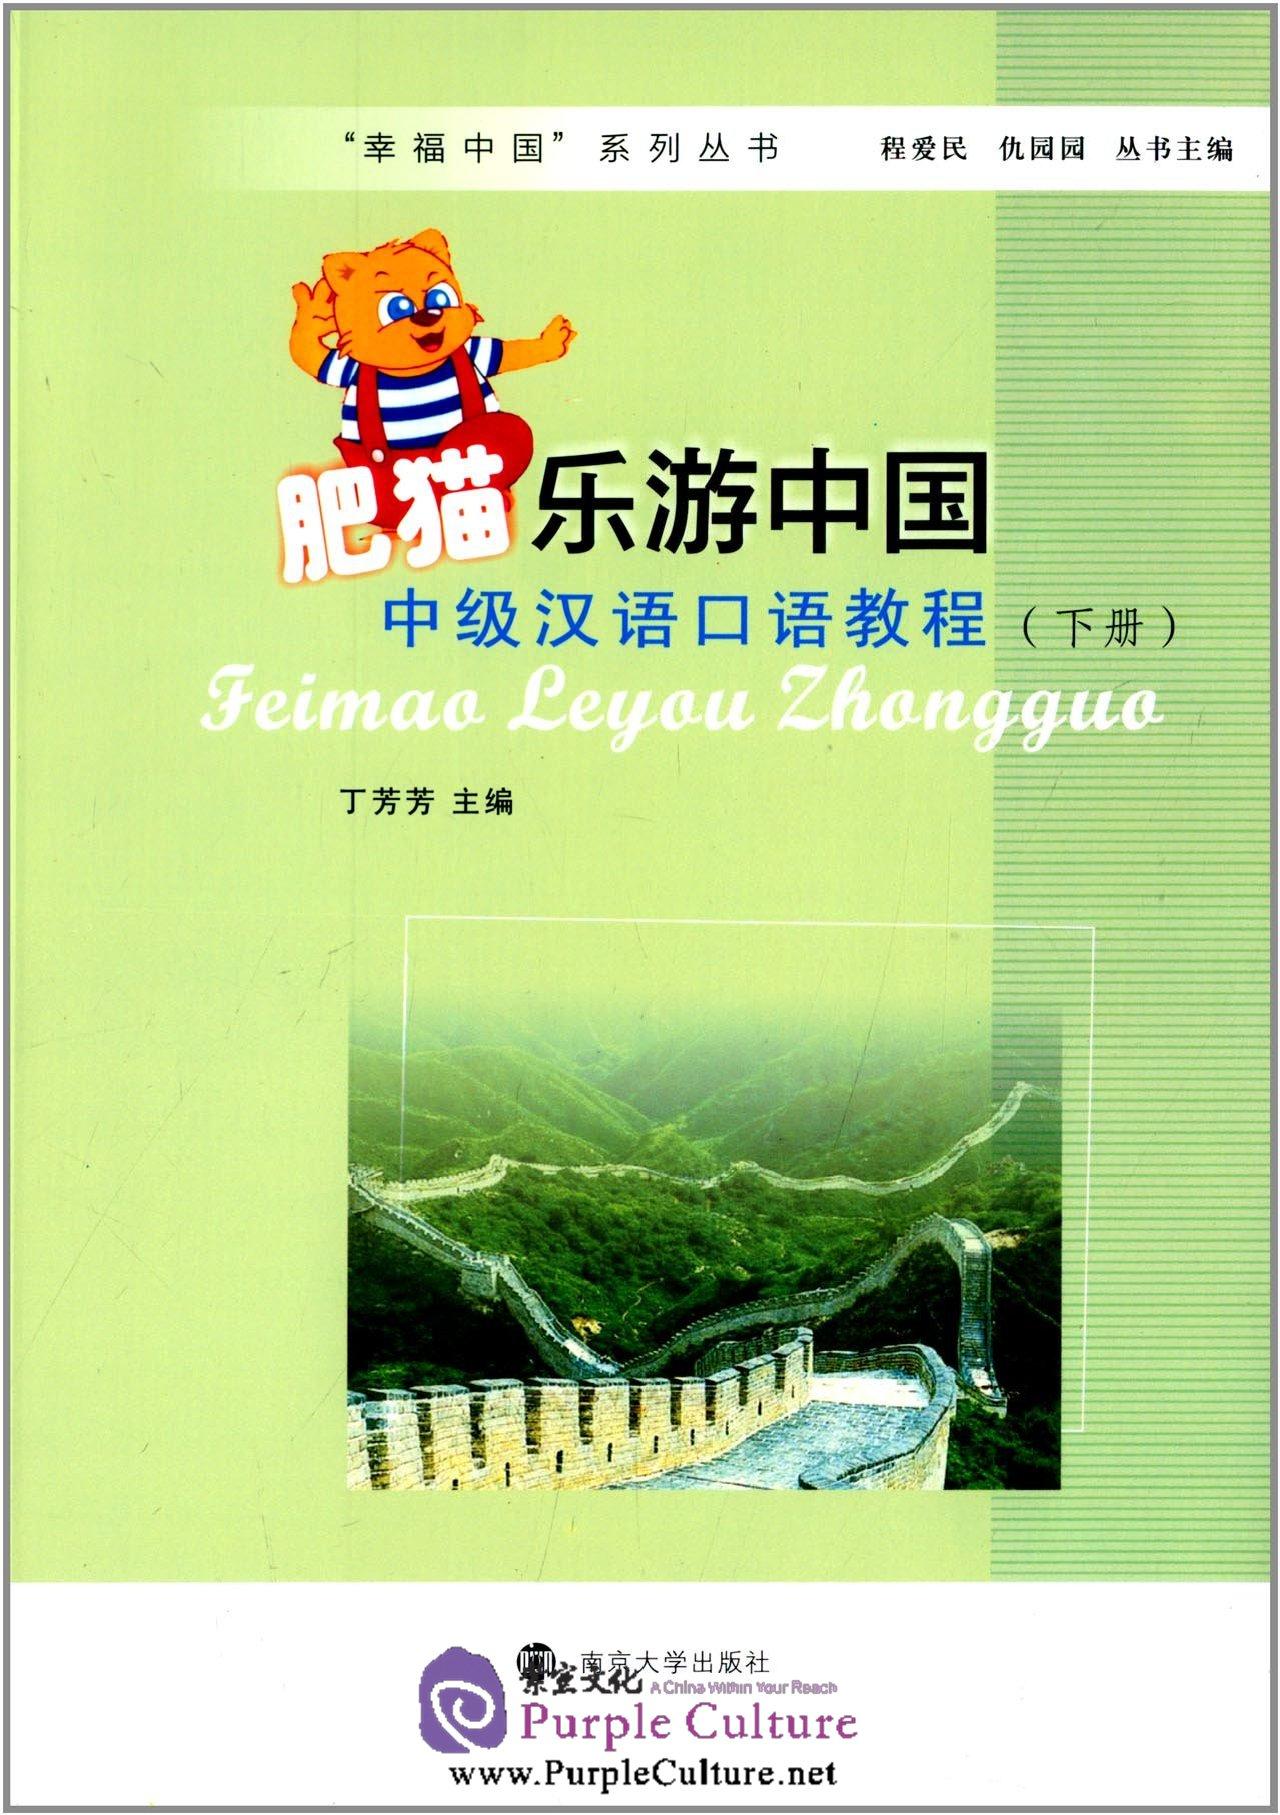 Feimao Leyou Zhongguo Intermediate Spoken Chinese Vol 2